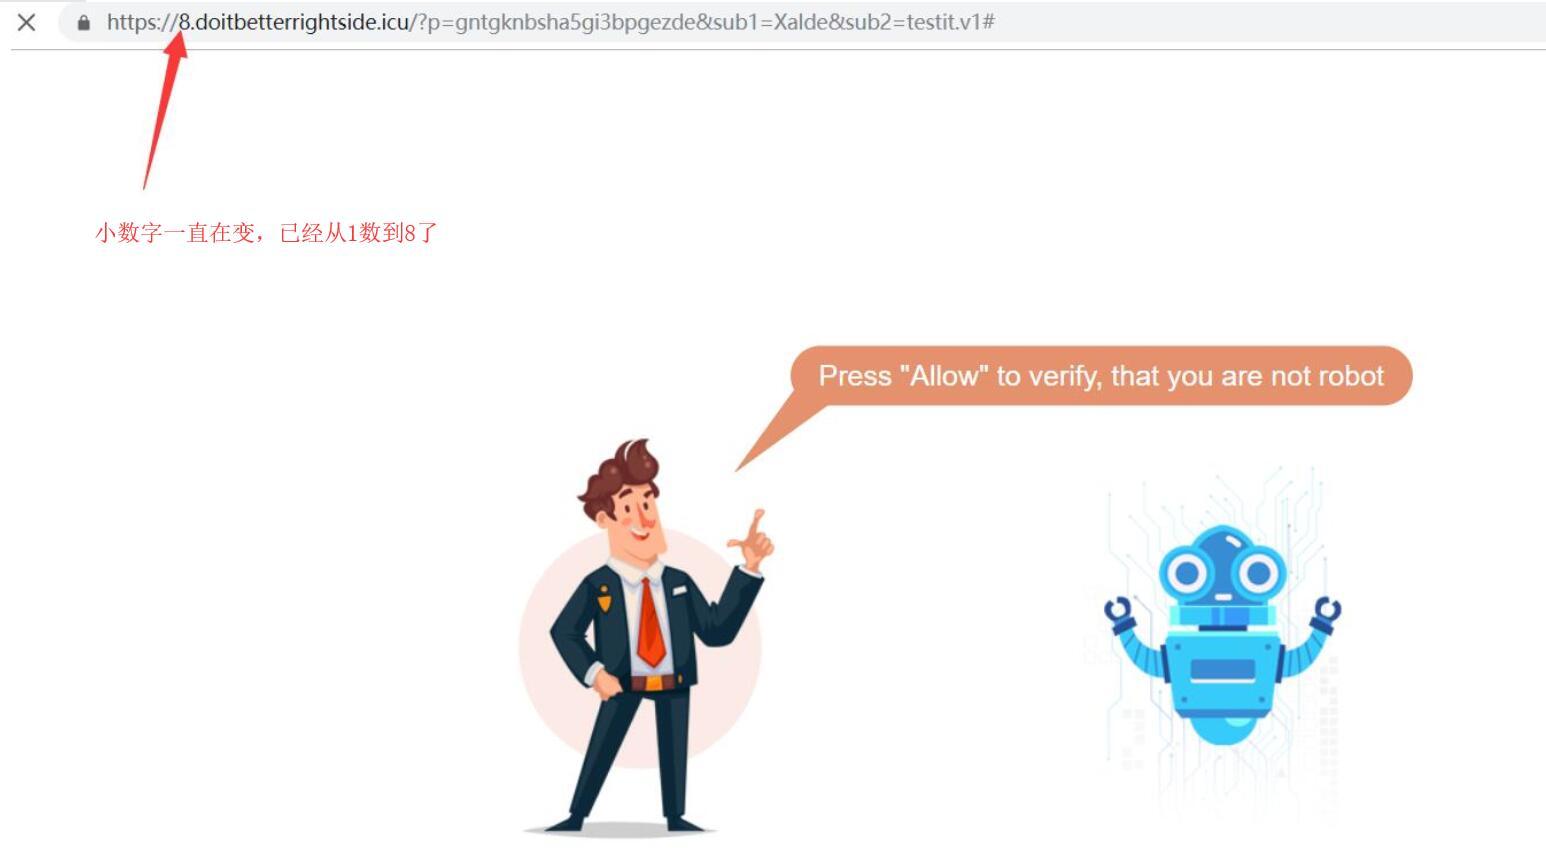 Chrome谷歌浏览器广告弹窗 (1)